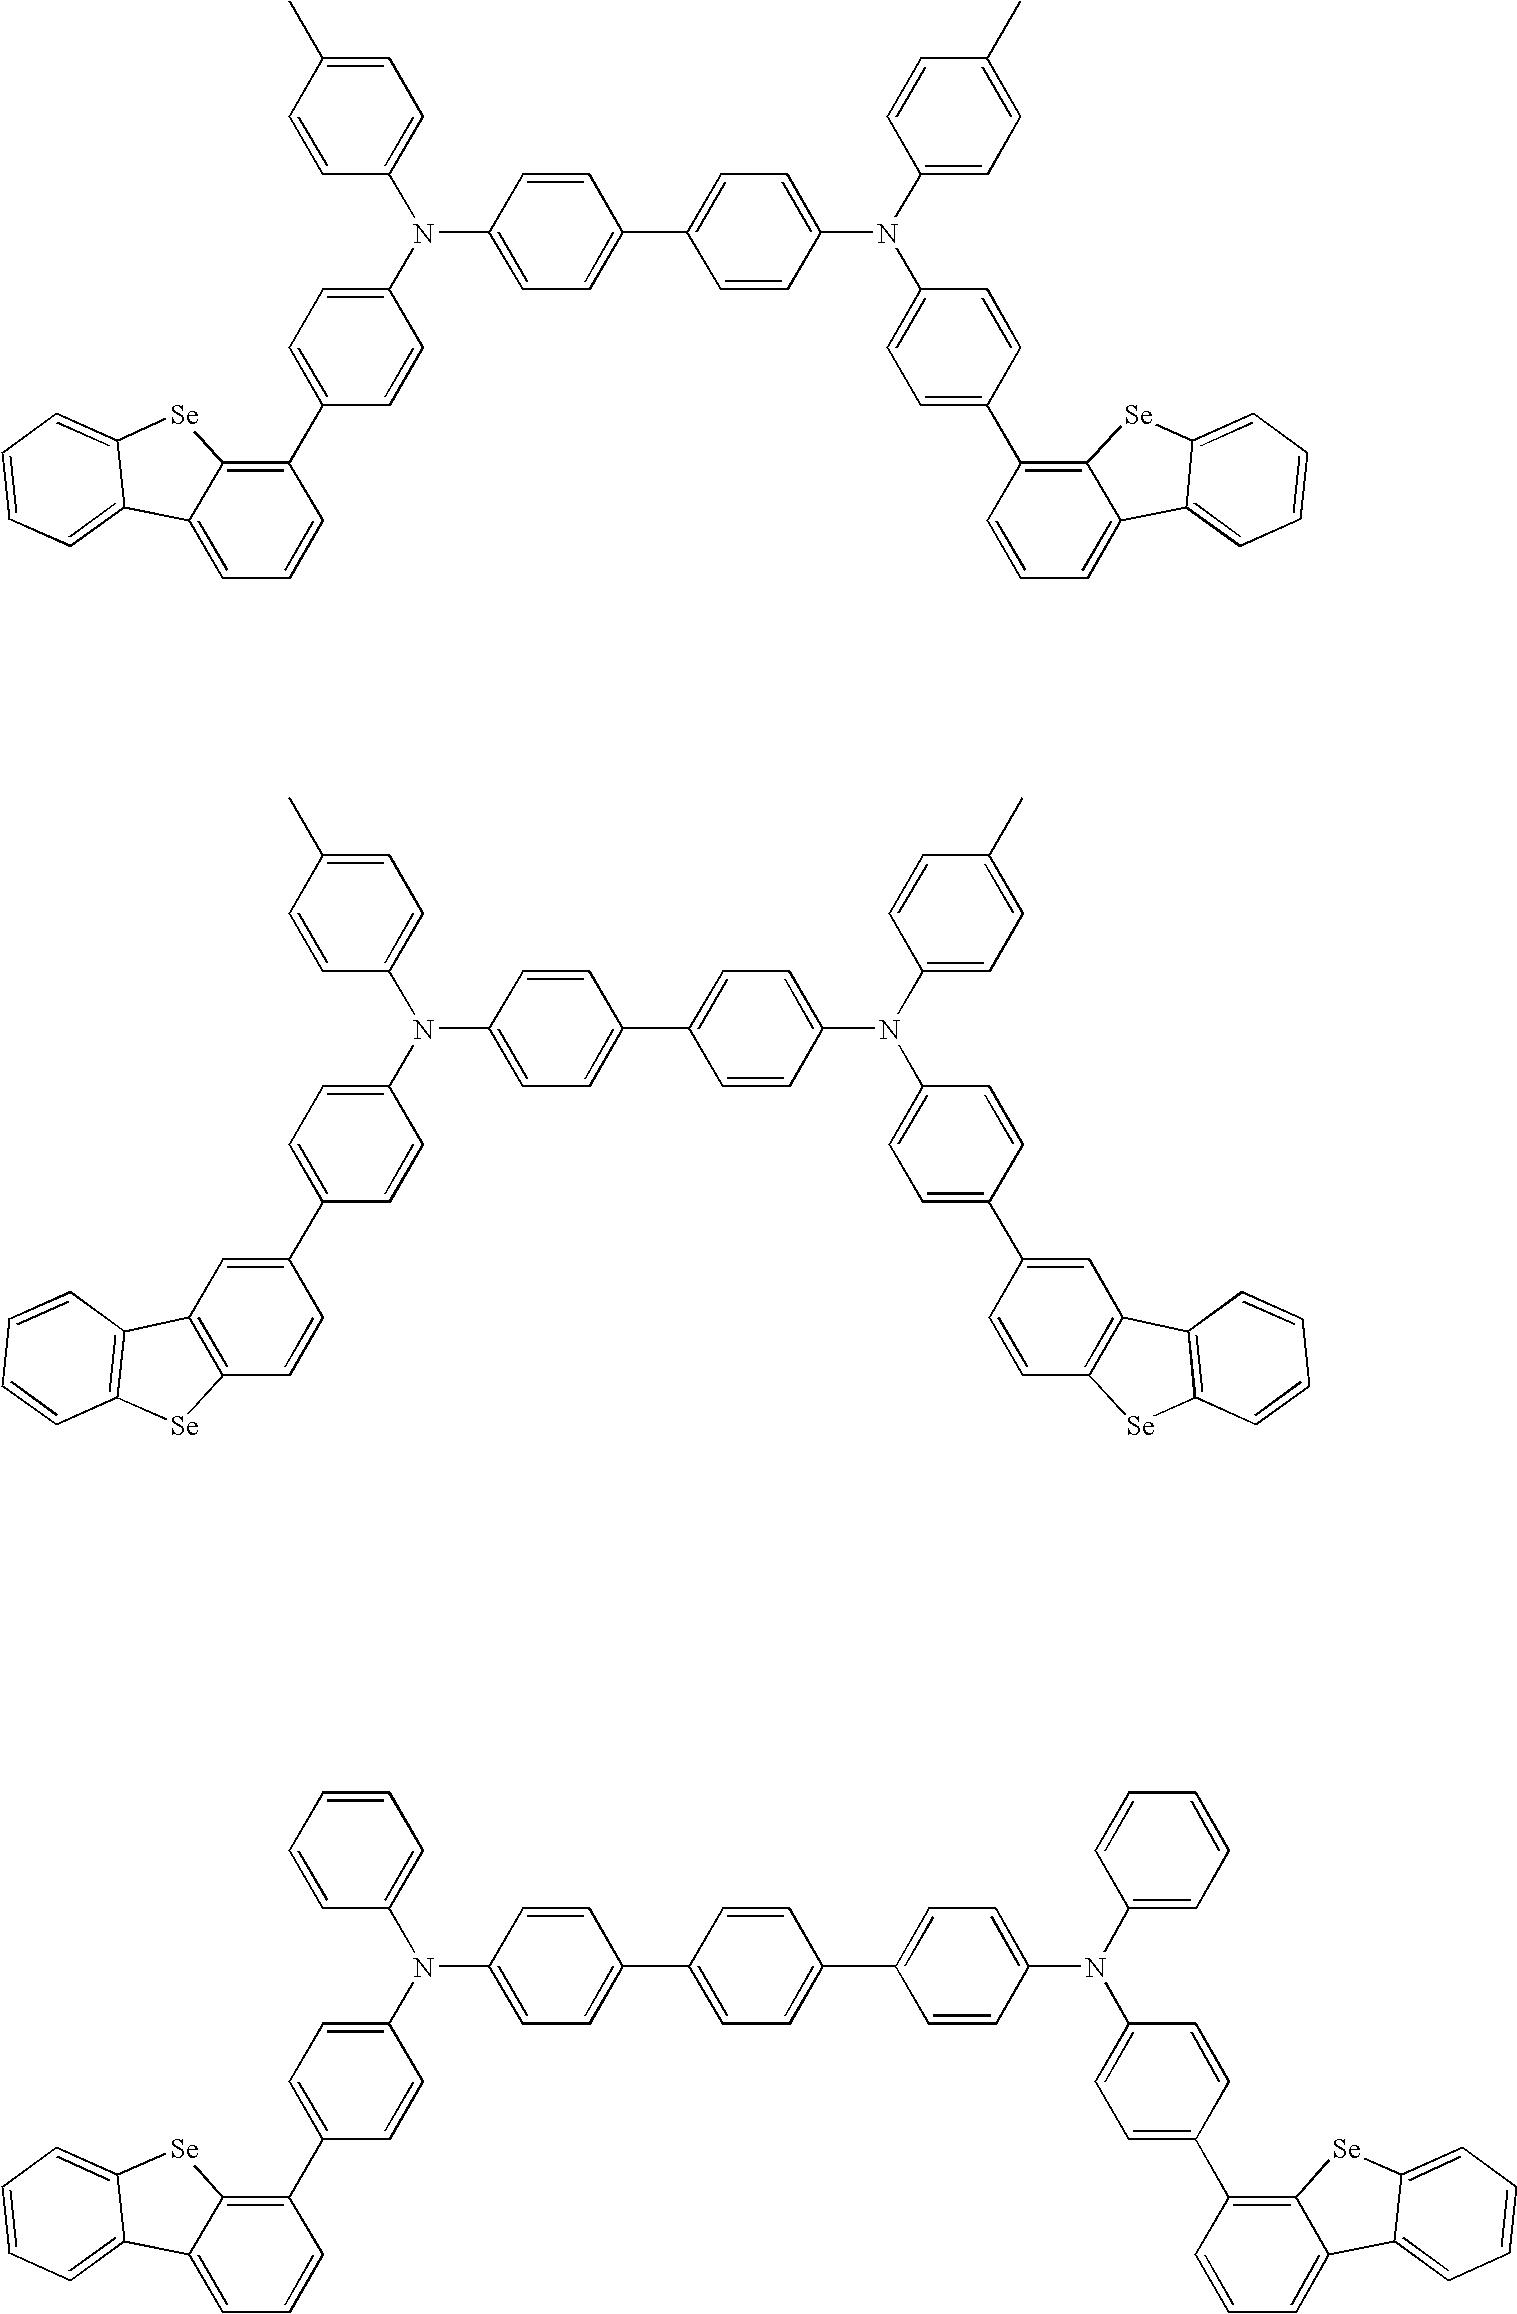 Figure US20100072887A1-20100325-C00204